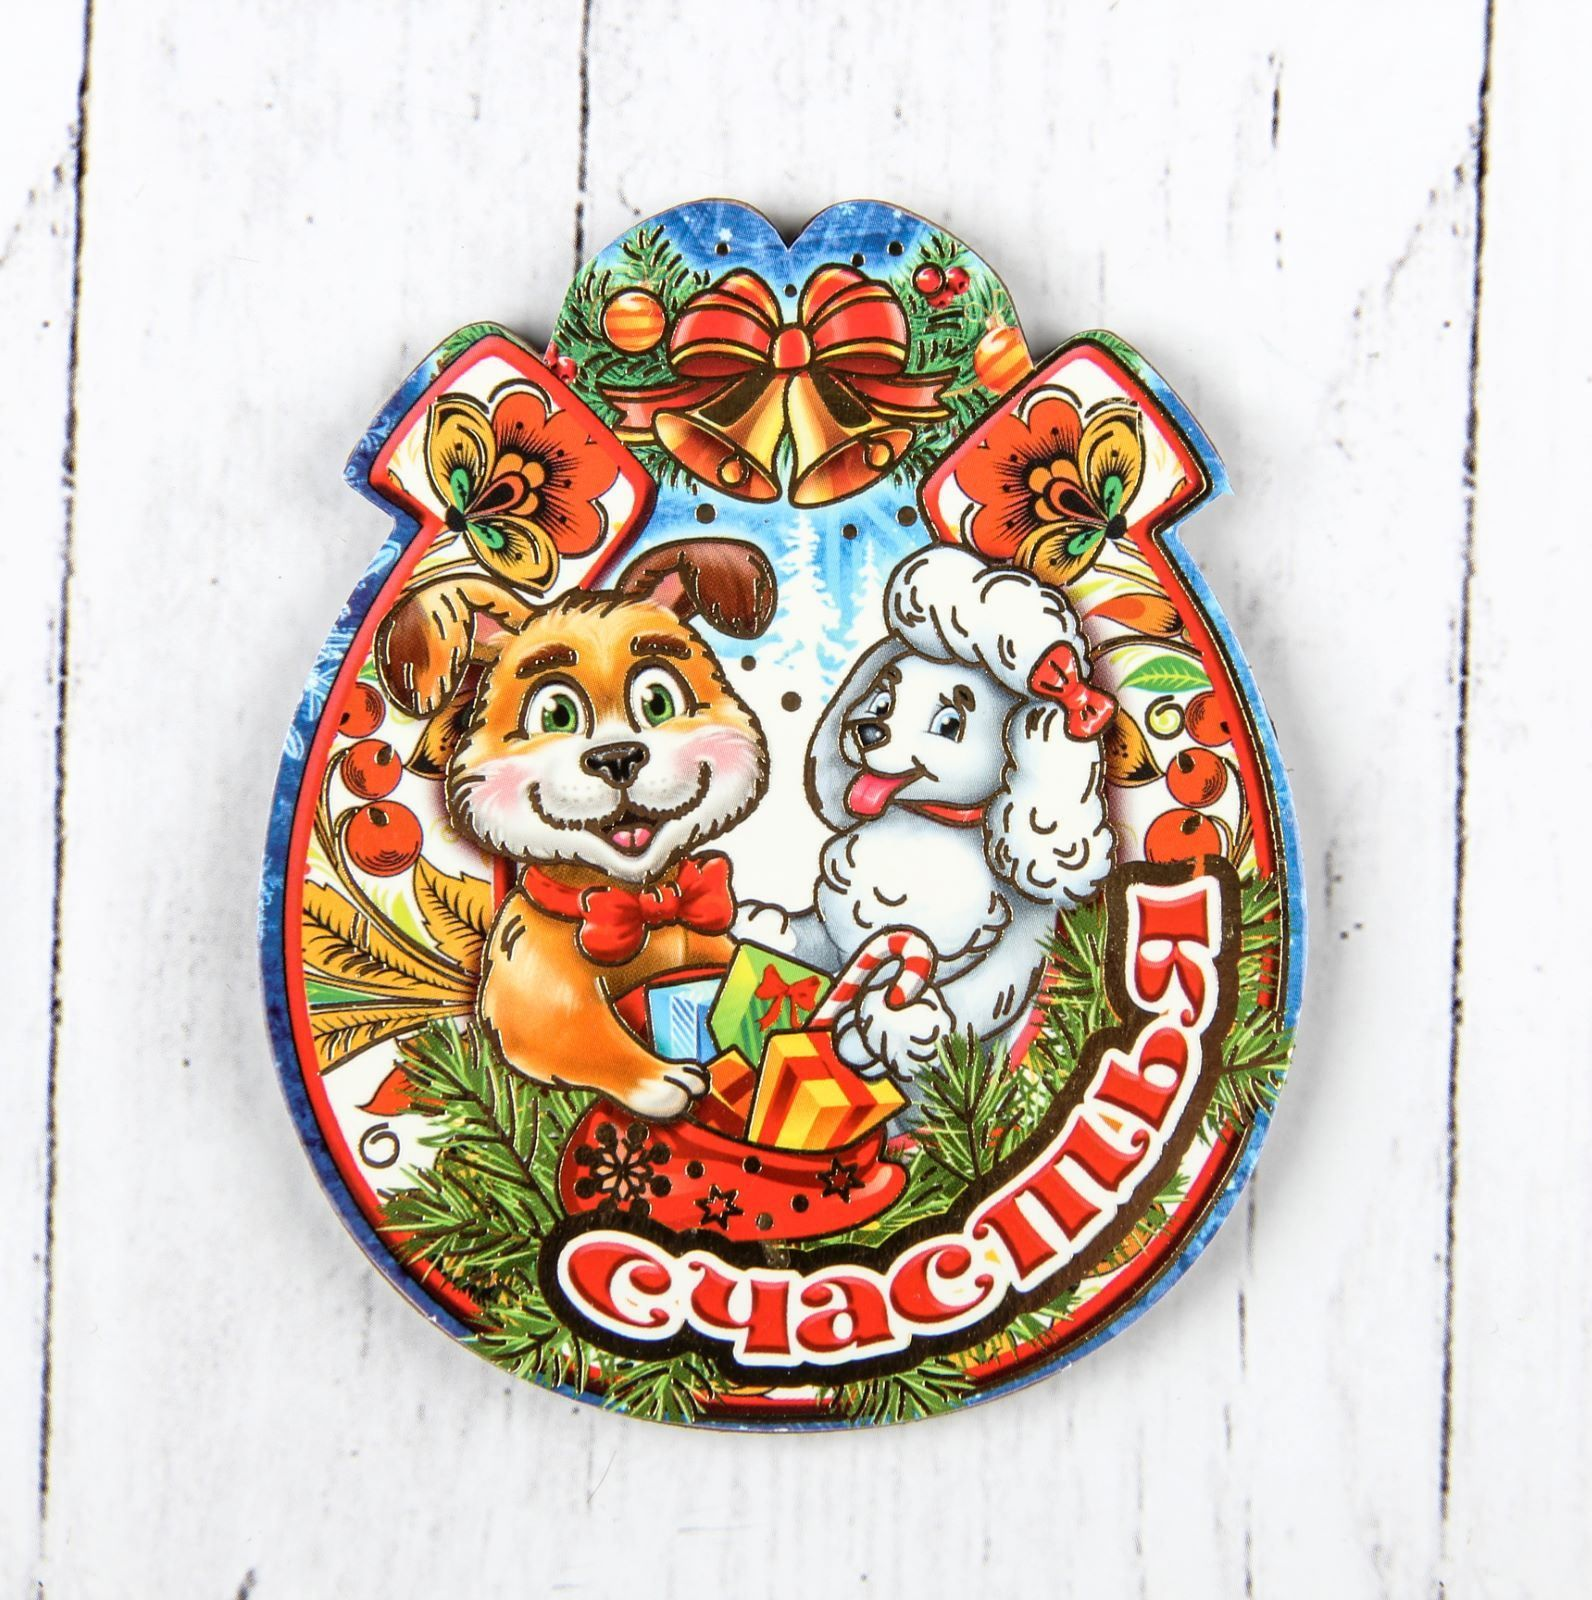 Магнит Sima-land Новогодний. 2018, 9 х 7,5 см. 25323732532373Порадуйте родных и близких оригинальным сувениром: преподнесите в подарок магнит. С ним даже самый серьезный человек почувствует себя ребенком, ожидающим чудо! Прикрепите его к любой металлической поверхности, и он удержит на виду важные записки, любовные послания или просто список продуктов.Создайте праздничное настроение, и оно останется с вами на весь год.